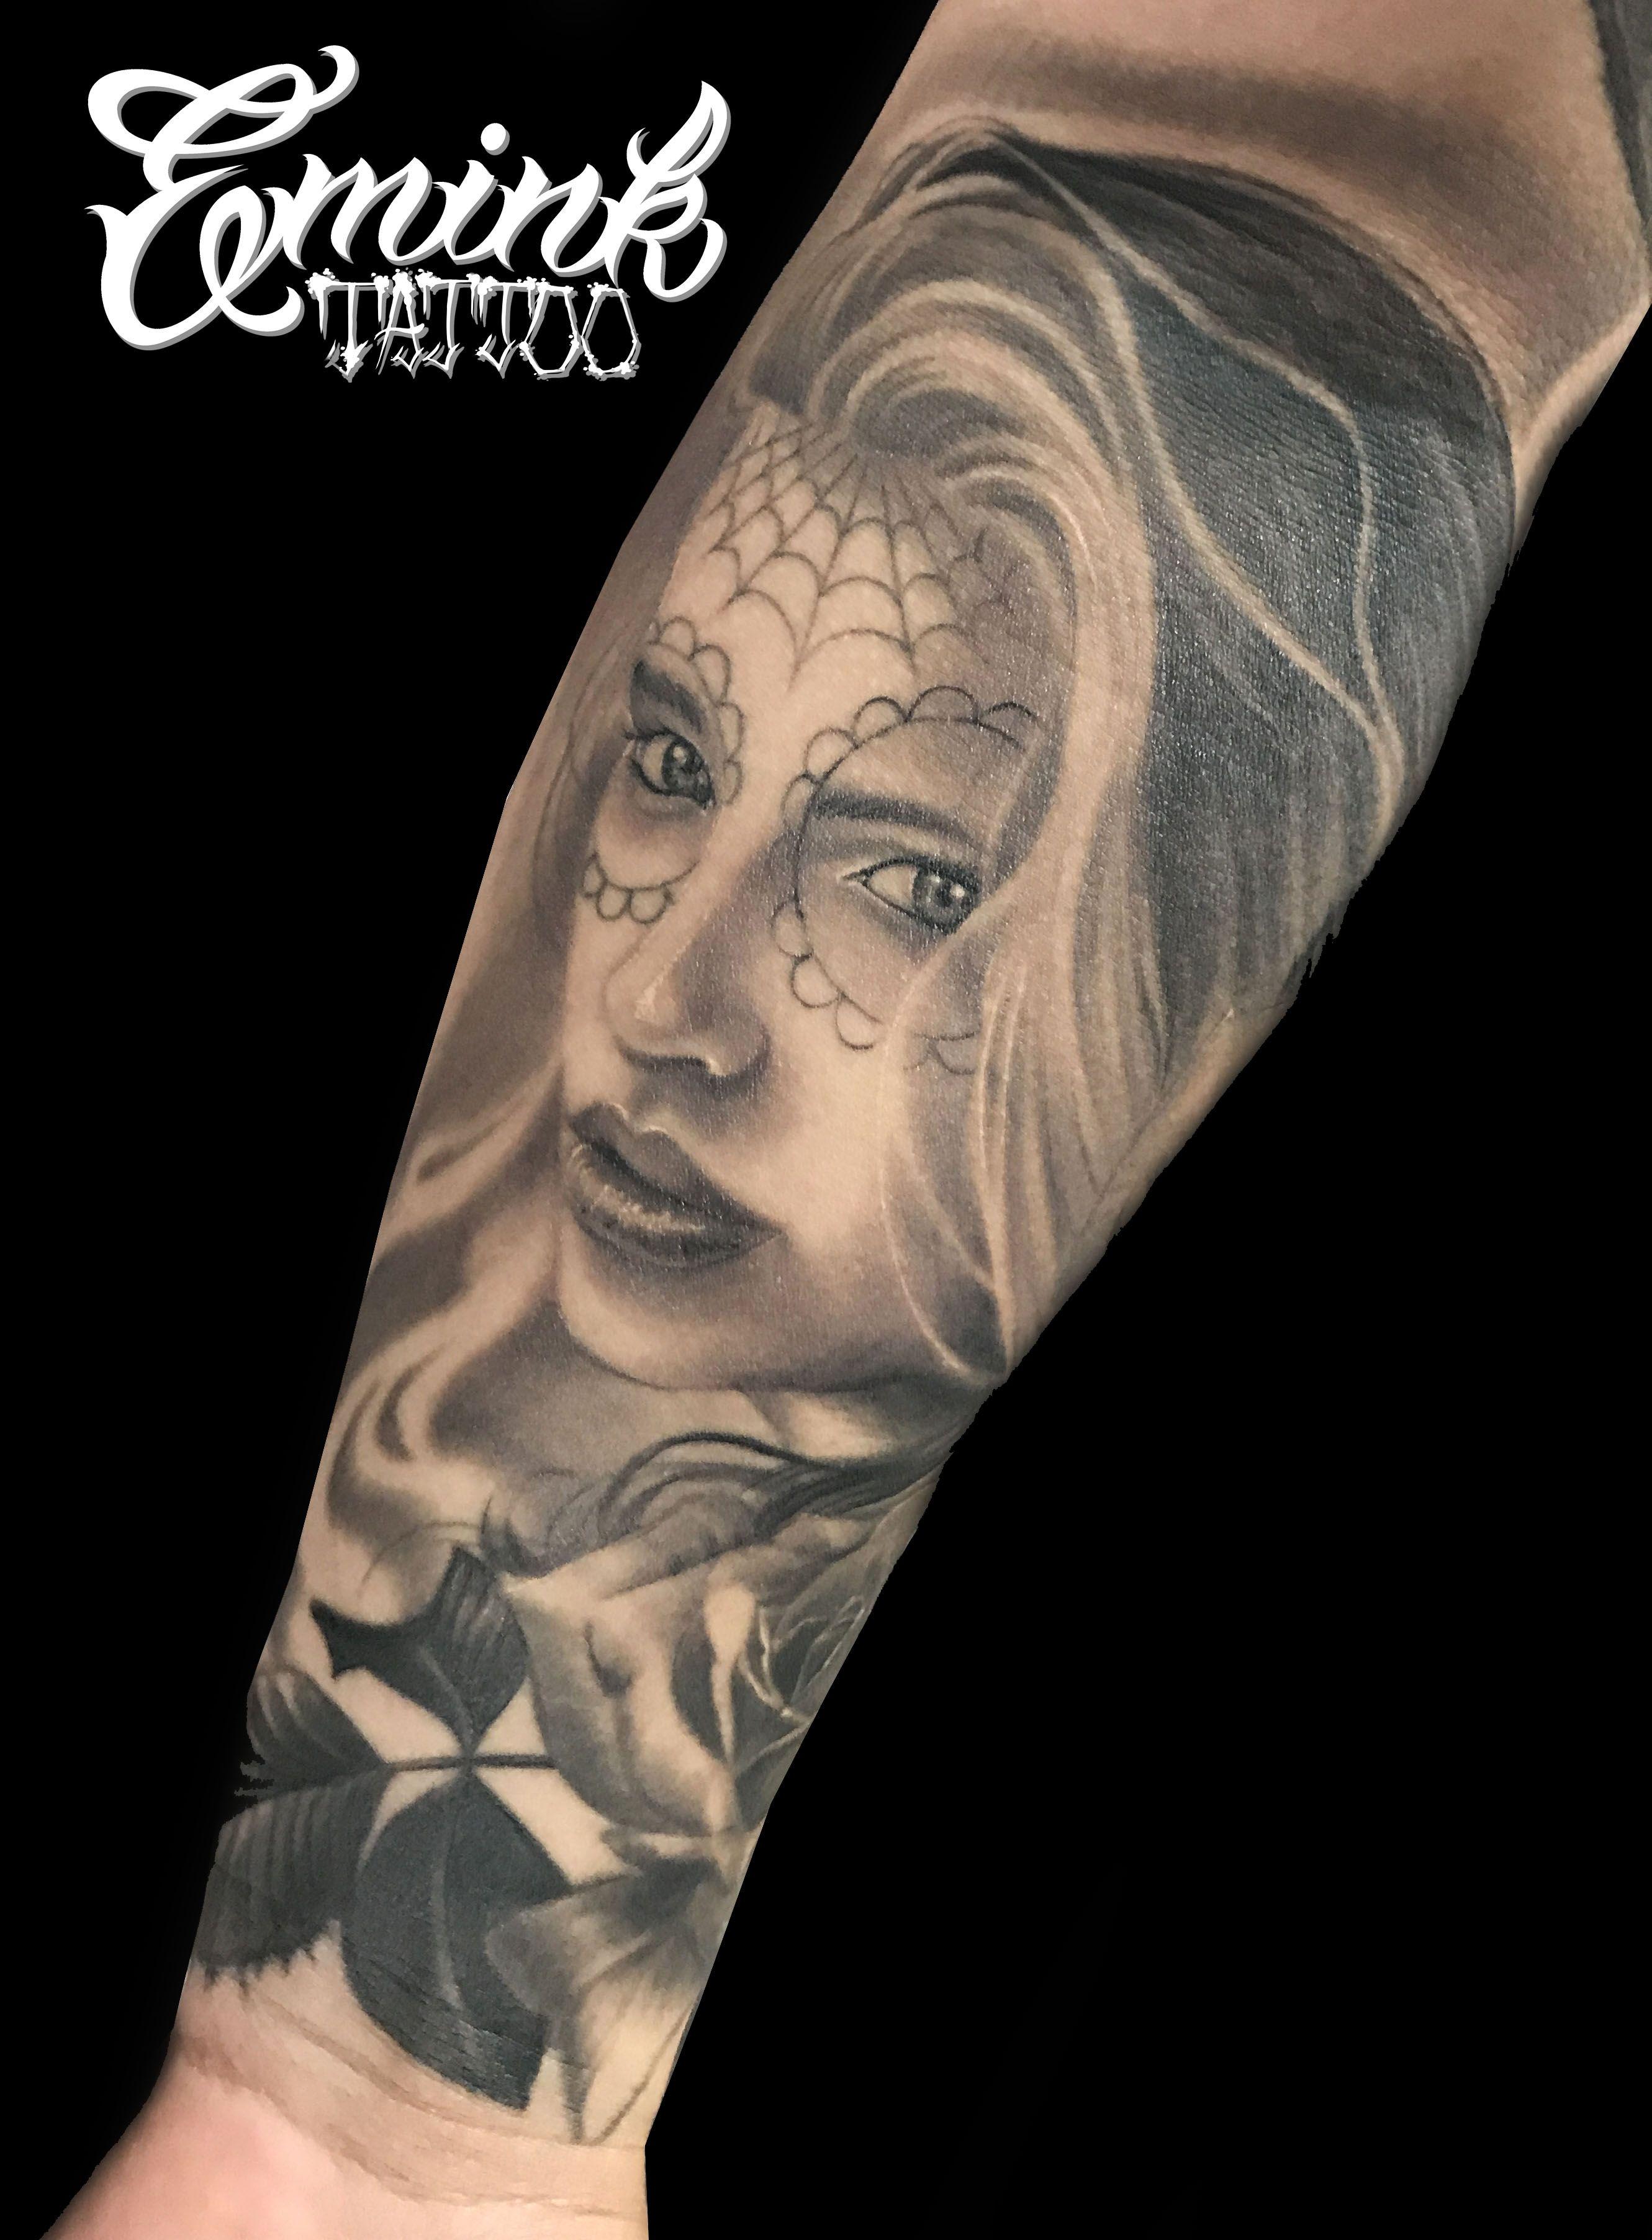 https://www.instagram.com/p/BSx4uSdgpJc/?taken-by=emink_tattoo #catrinatattoo #catrina #tattooed #tattooart #tattooink #tattoowork #tattoolife #tattoolifestyle #blackandgrey #blackandgraytattoo #chicanogirltattoo #chicanoblackandgrey #emink #eminktattoo #eminktattoostudio #vicenzatattoo #vicenzatattoostudio #padovatattoo #padovatattoostudio #veronatattooconvention